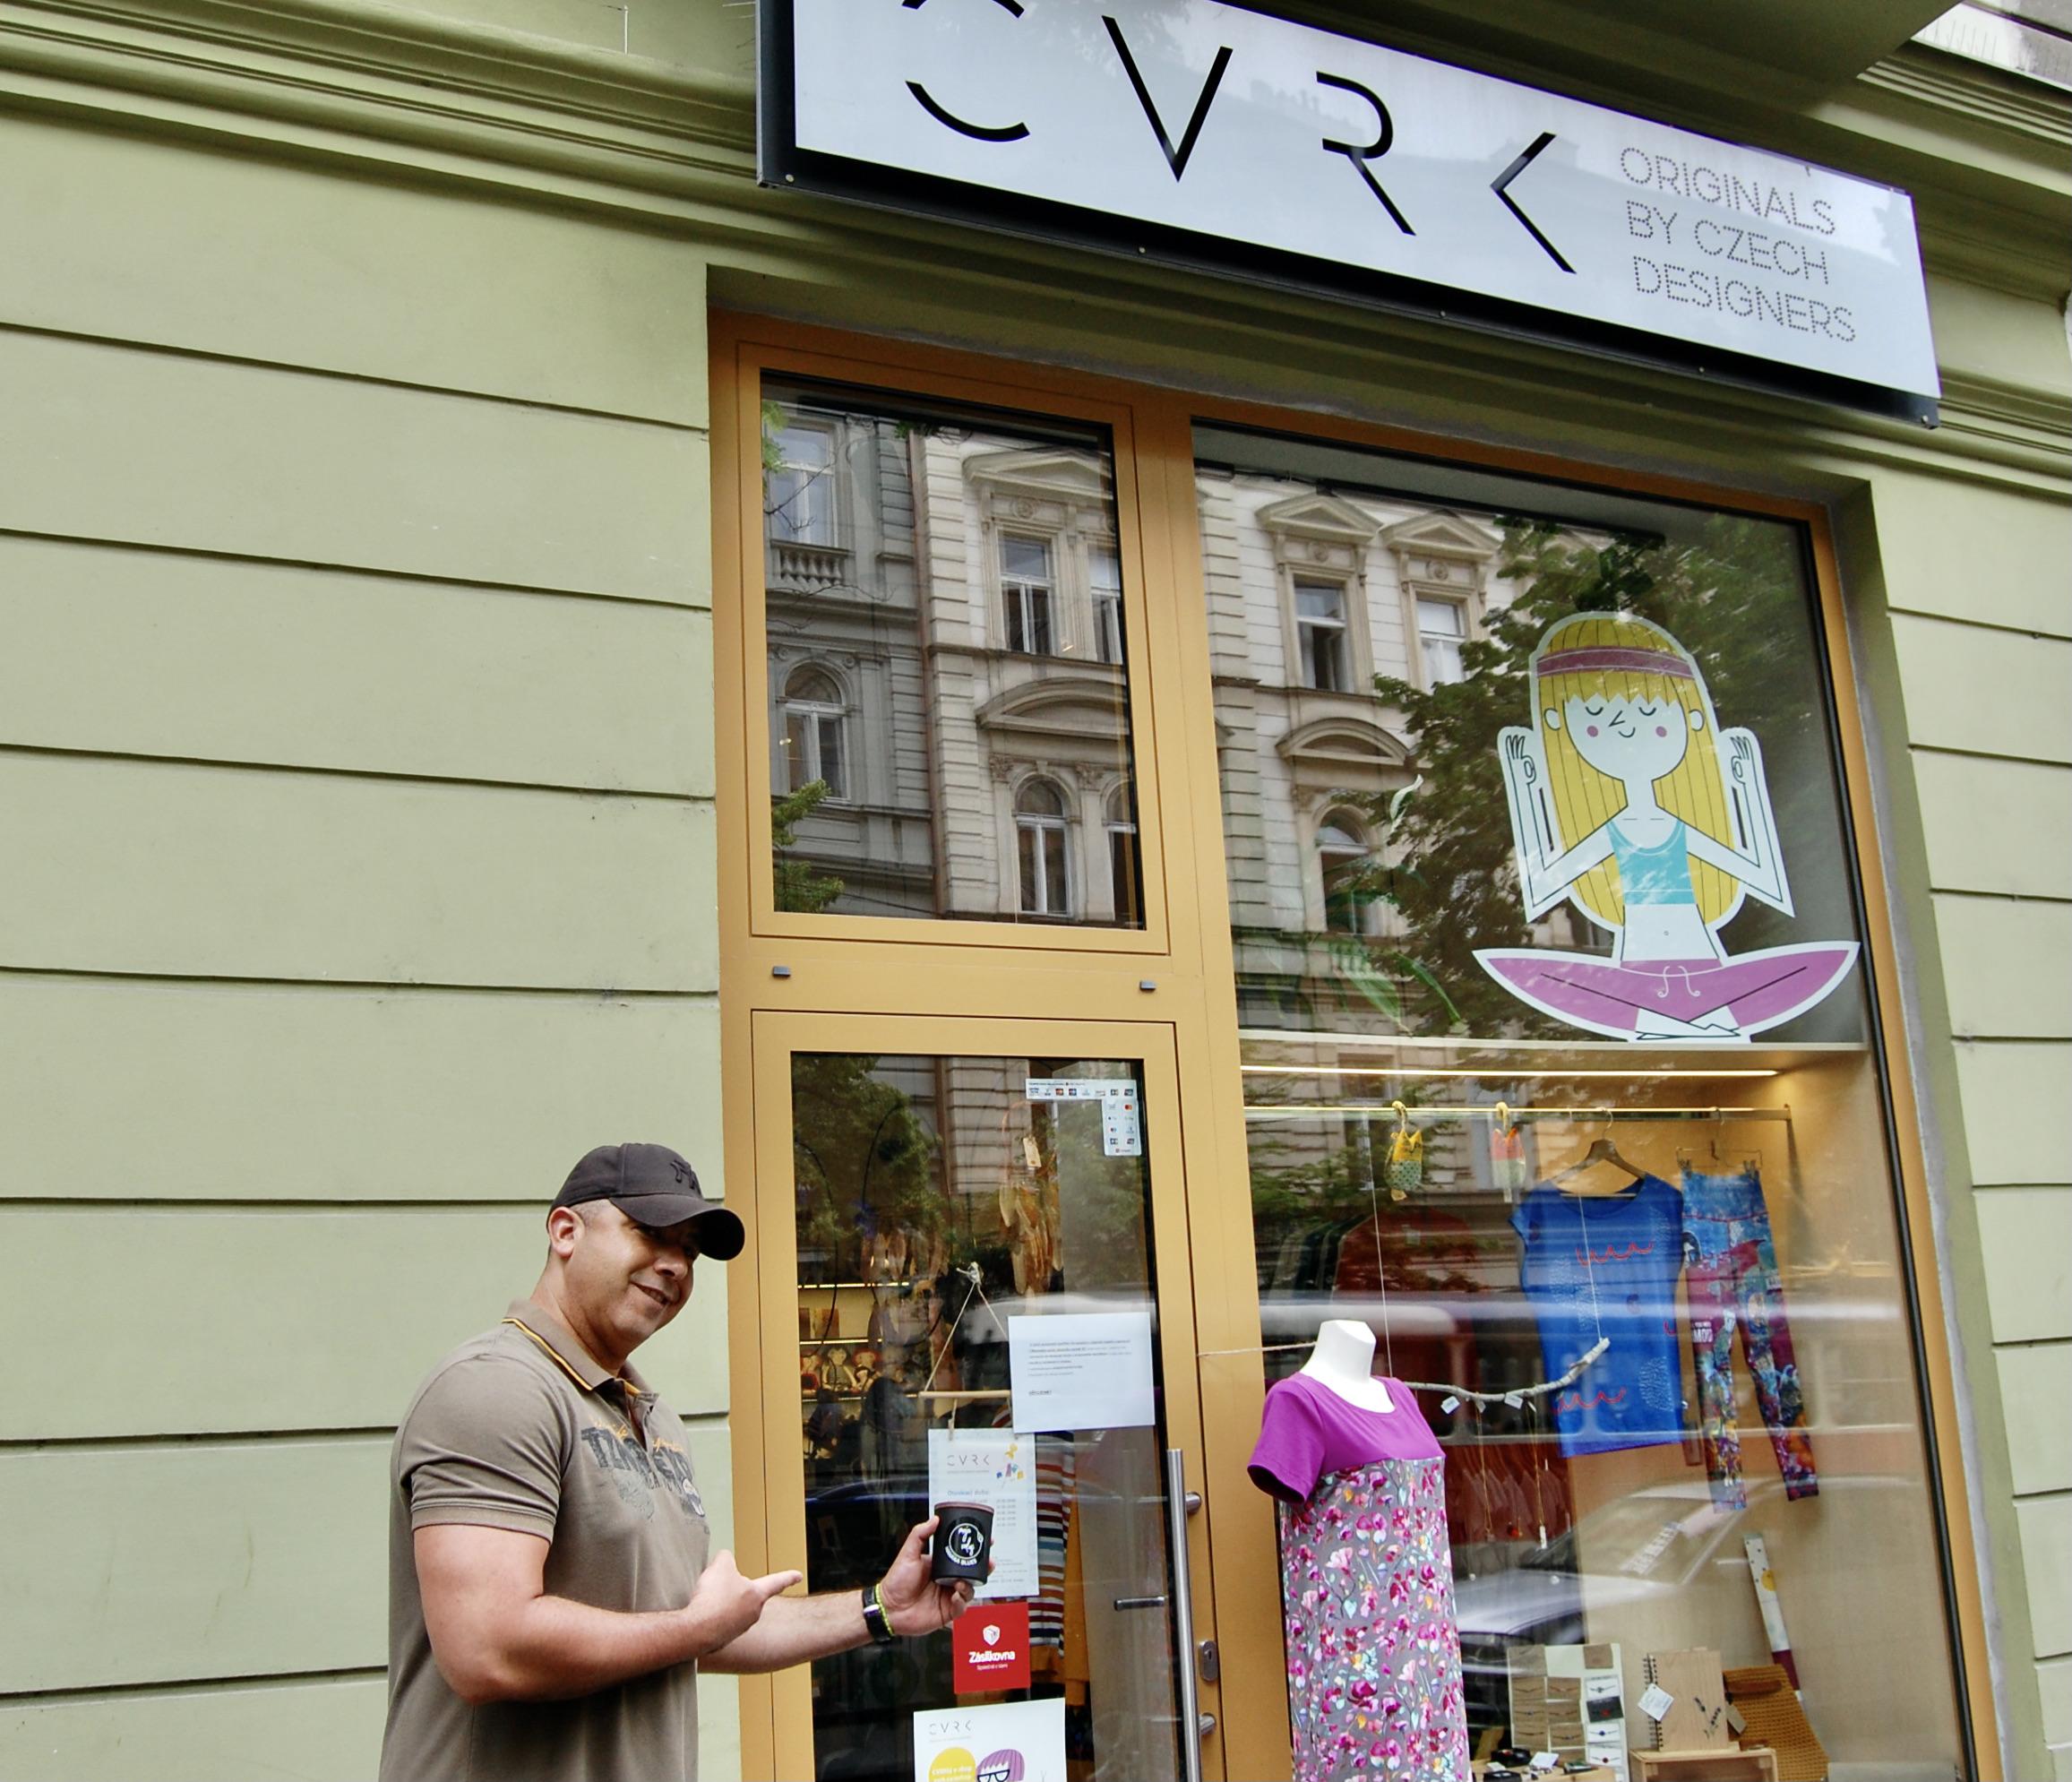 CVRK - naše přírodní svíčky ode dneška koupíte také v showroomu a e-shopu CVRK na Vinohradech !!